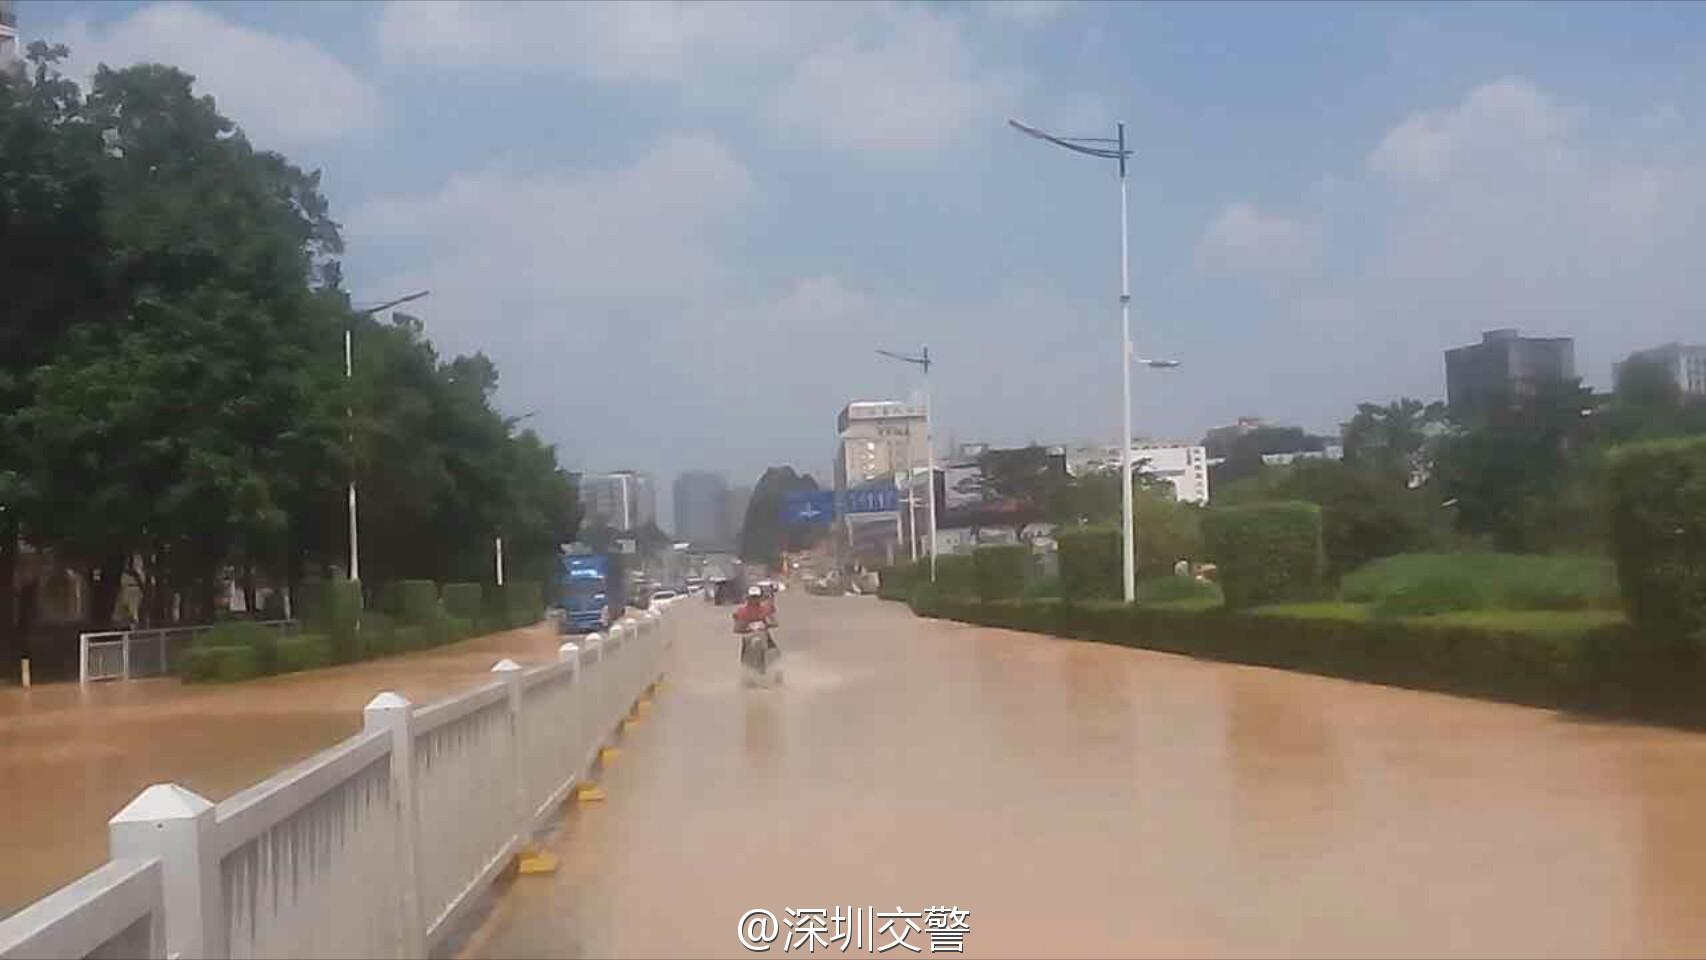 路�z*_深圳观湖大和路水管爆裂造成大面积积水